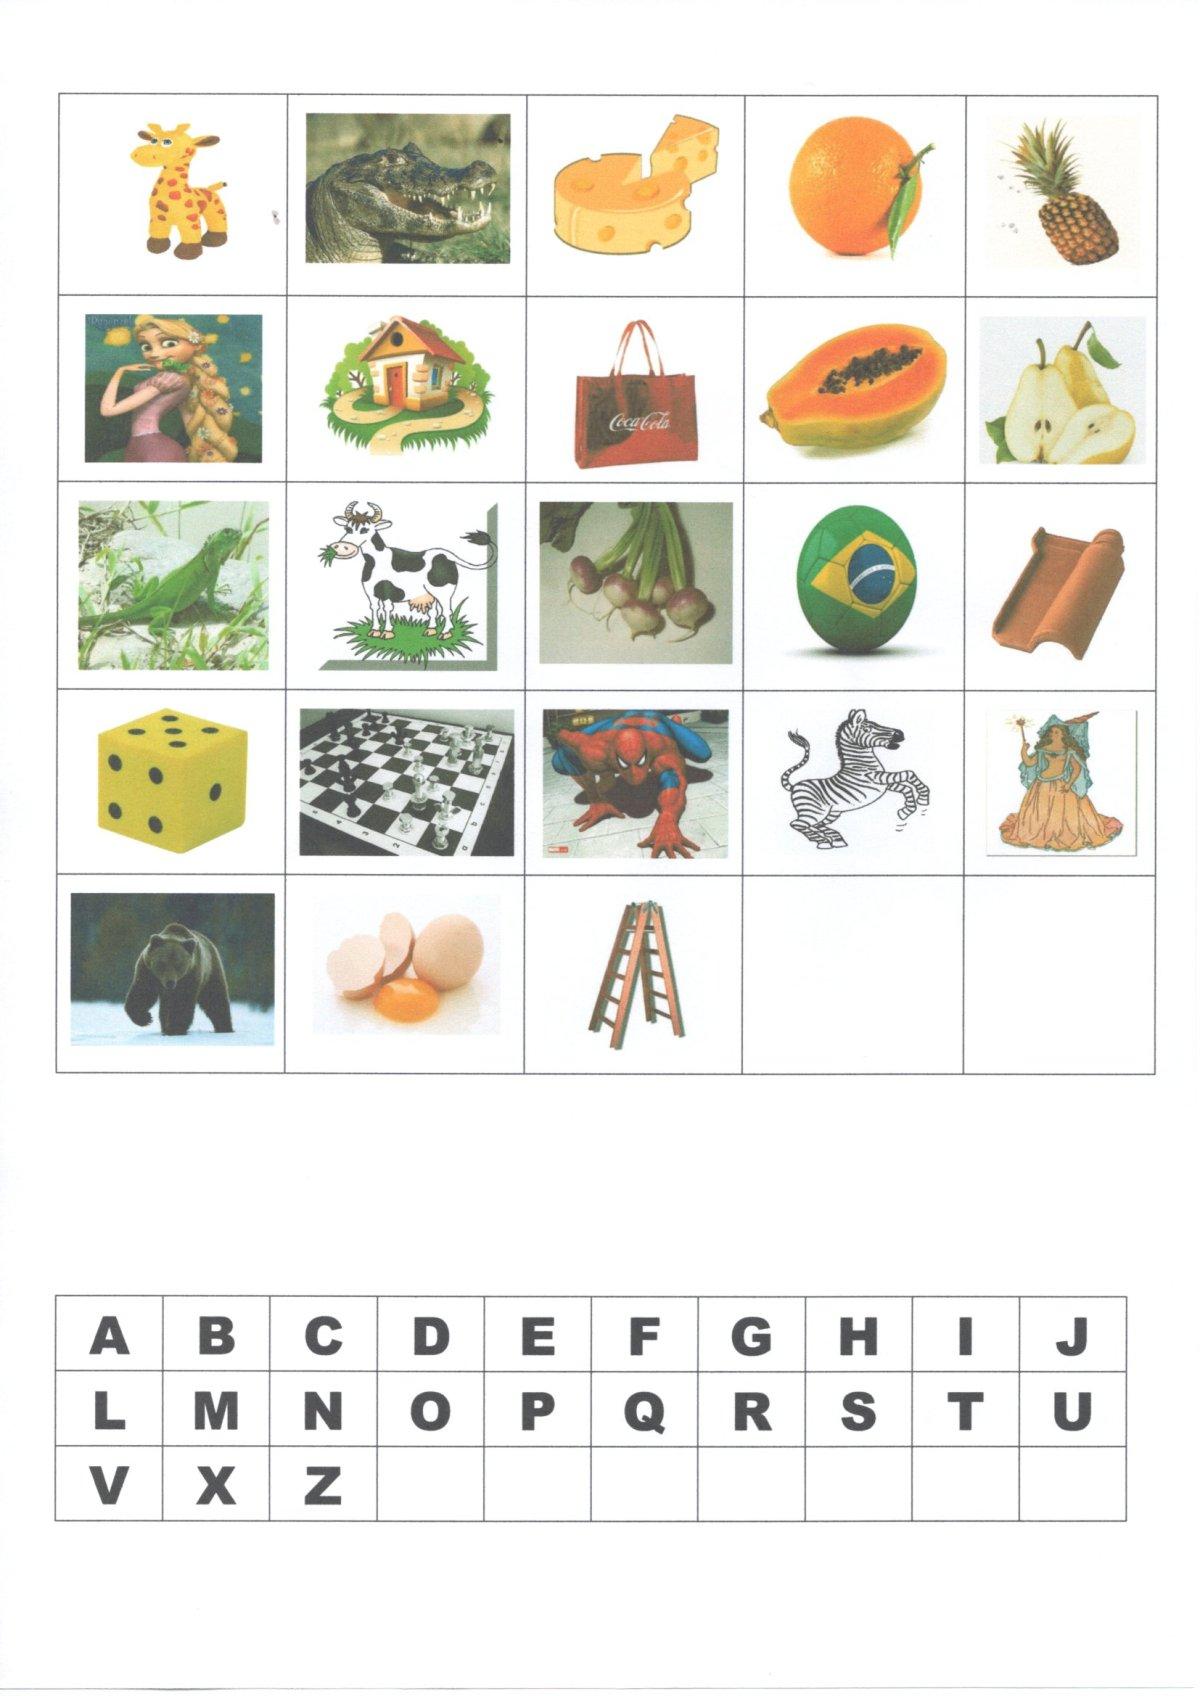 Letra inicial-Recorte e cole as imagens